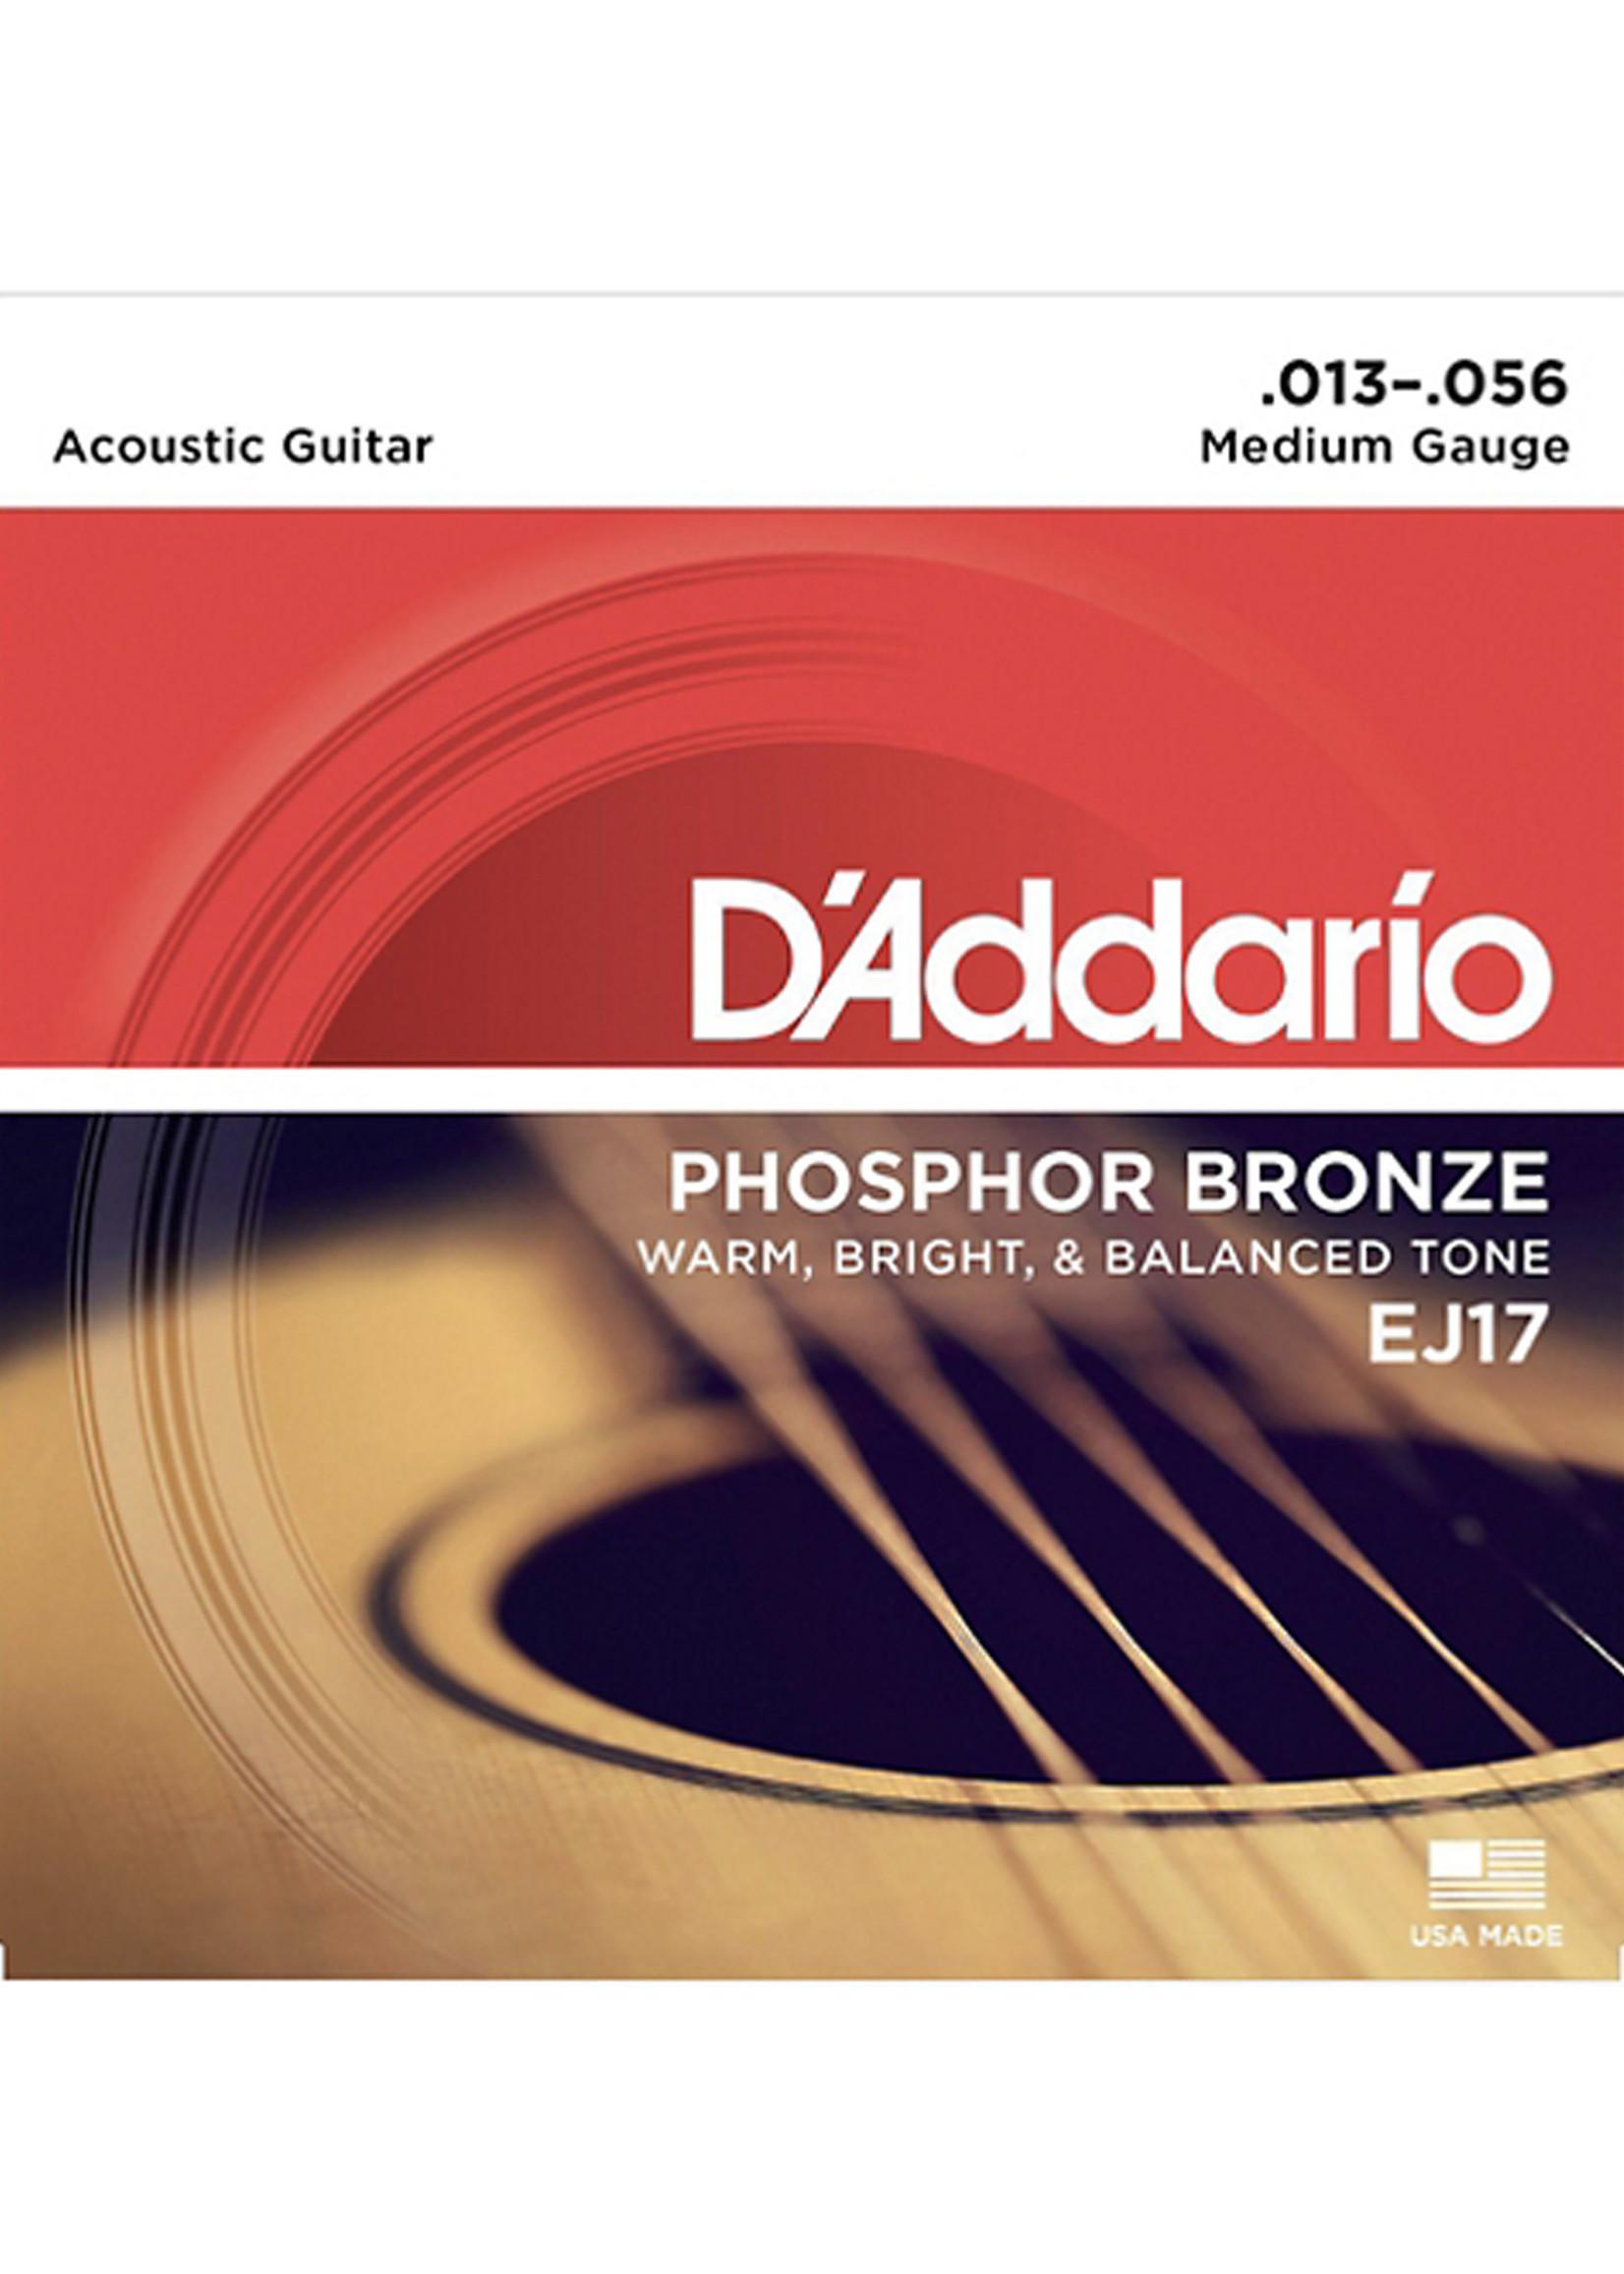 DAddario Fretted D'Addario EJ17 13/56 Medium